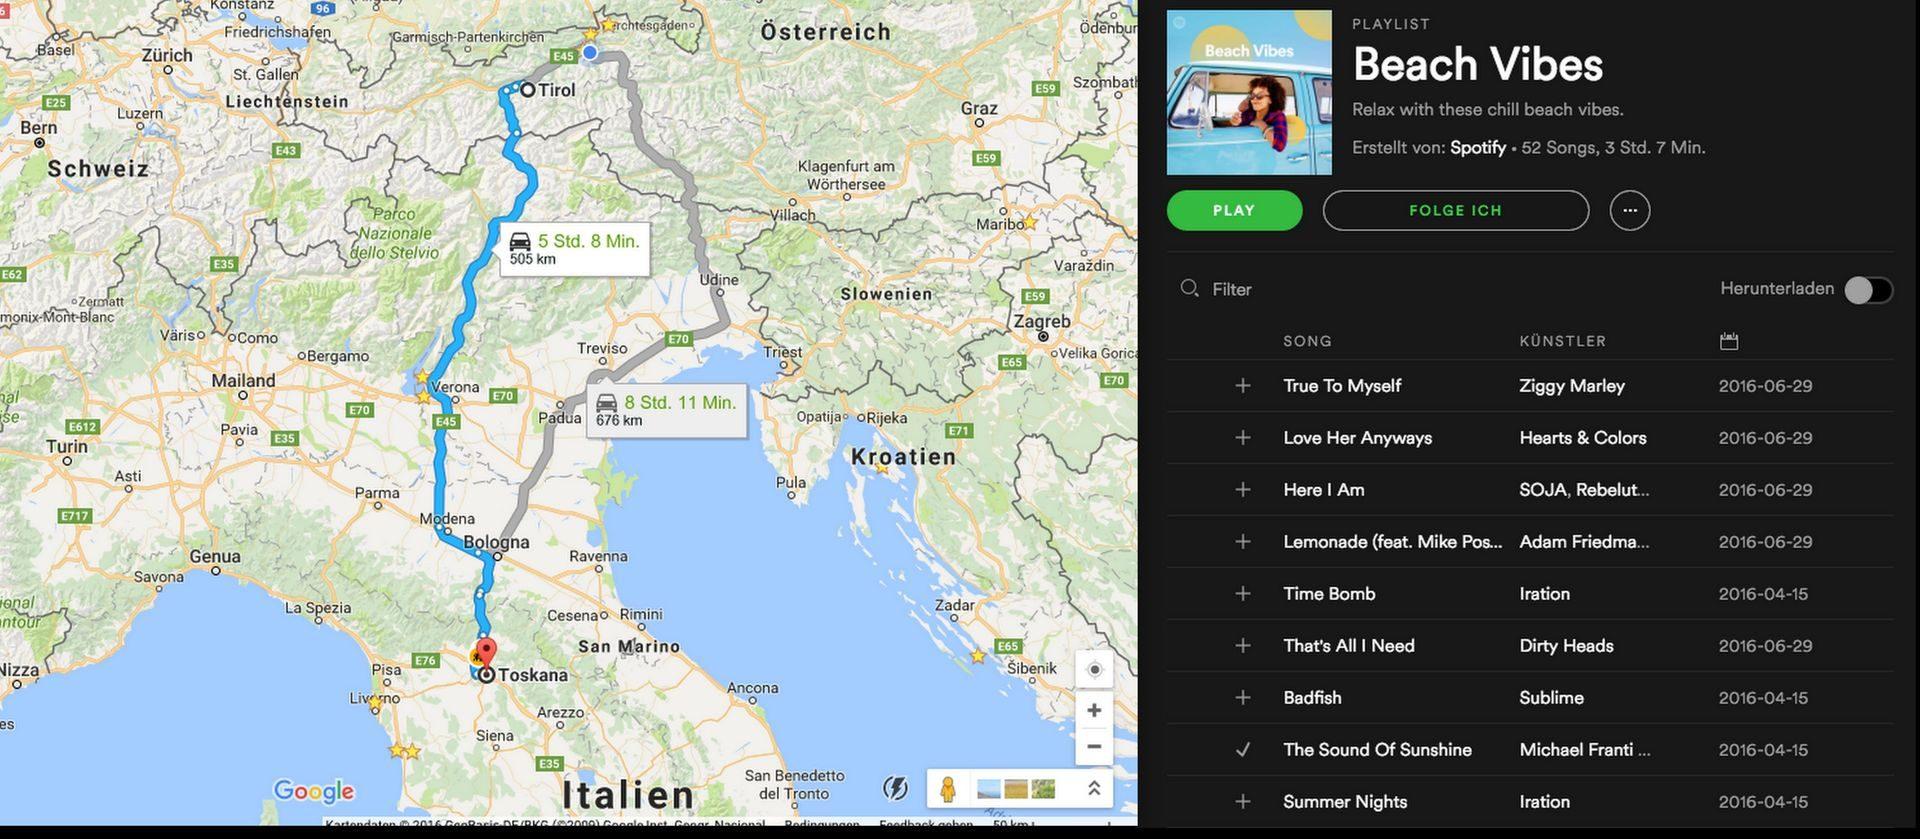 googlemaps-spotify-huawei-nova-smarttechnews